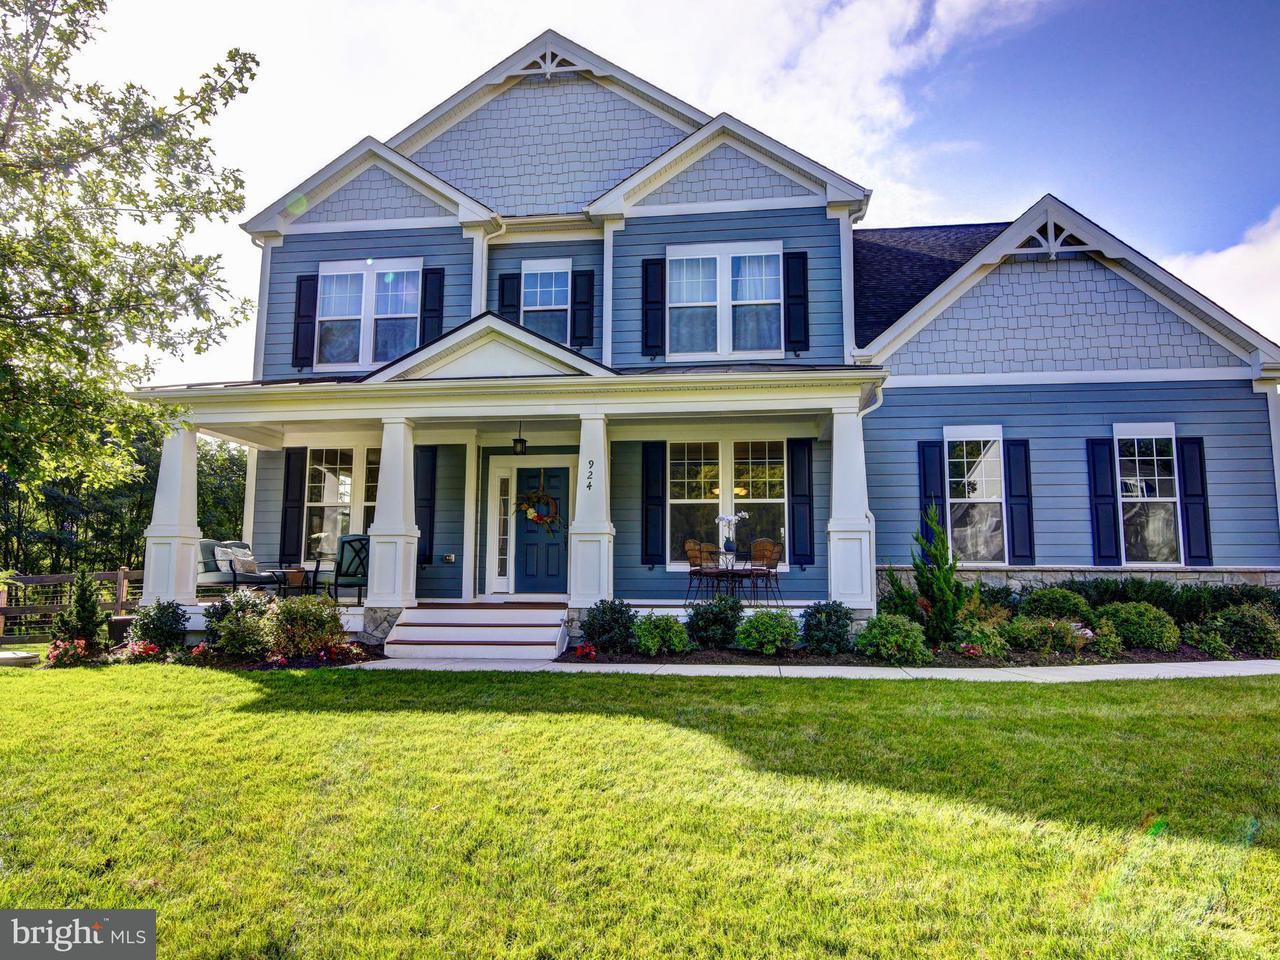 獨棟家庭住宅 為 出售 在 924 QUEENSCLIFF Court 924 QUEENSCLIFF Court Purcellville, 弗吉尼亞州 20132 美國